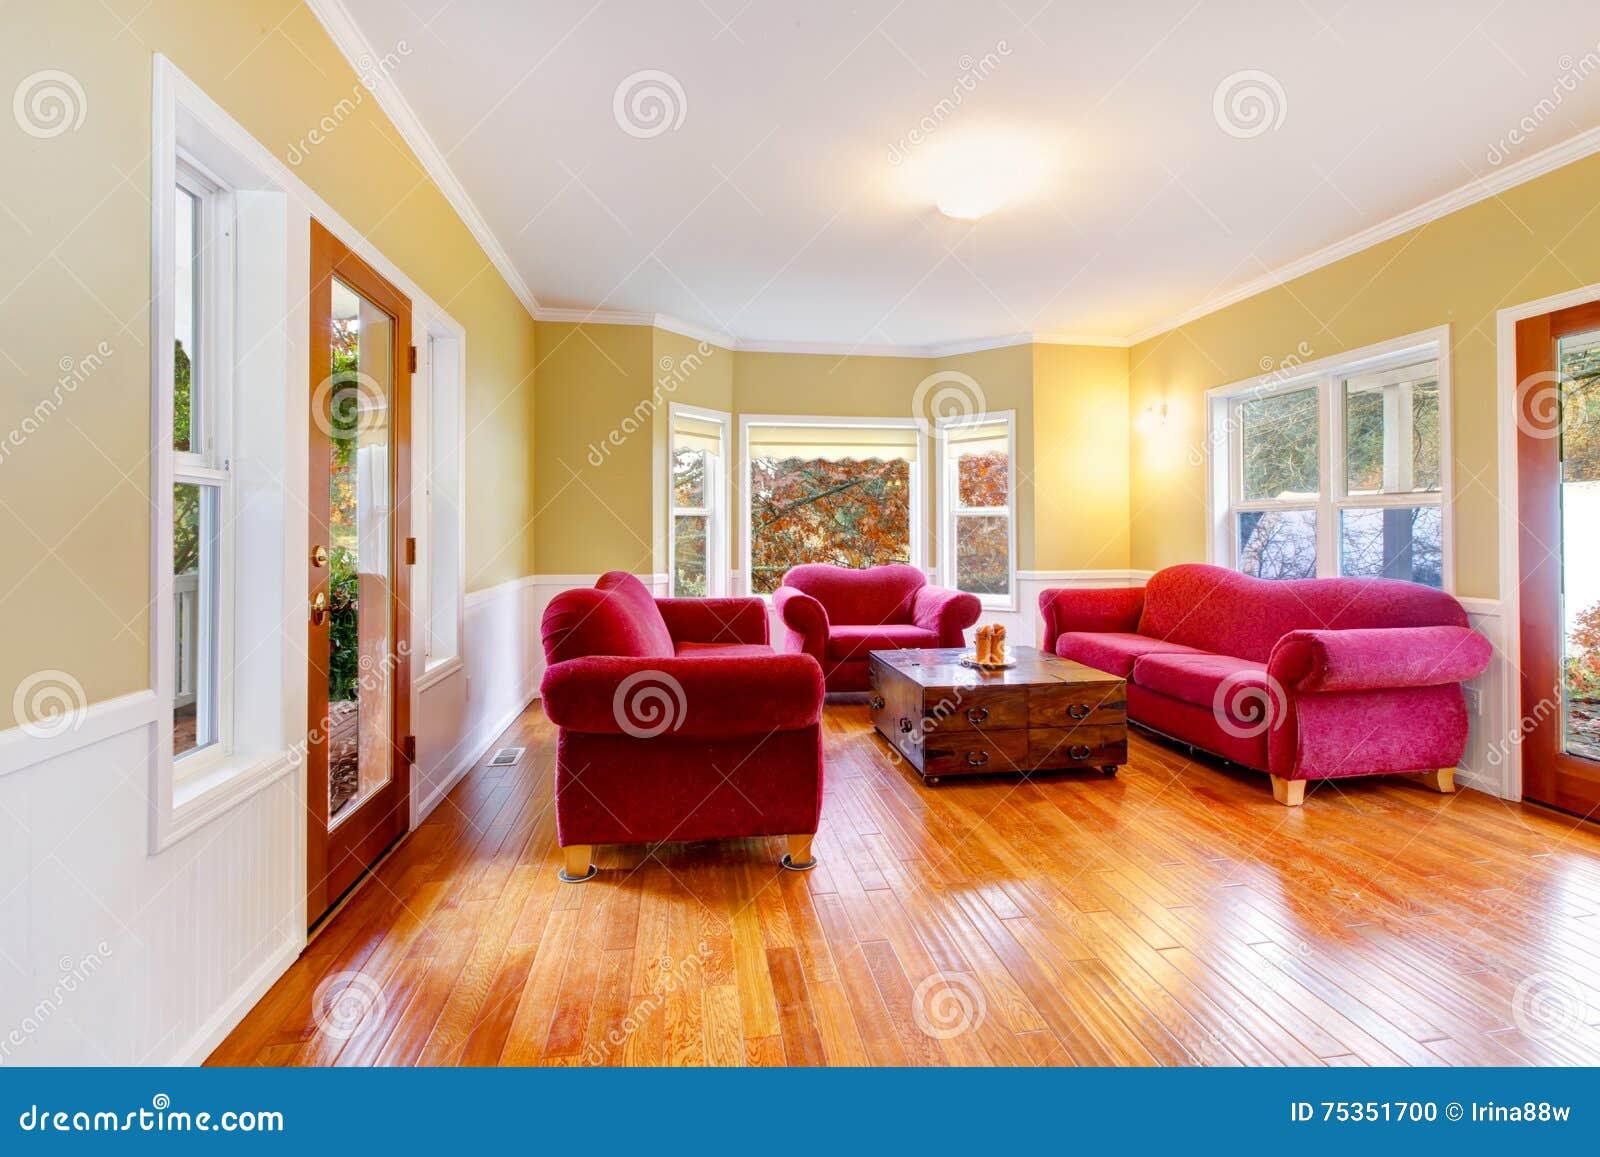 Интерьер живущей комнаты с красными софами на ферме лошади